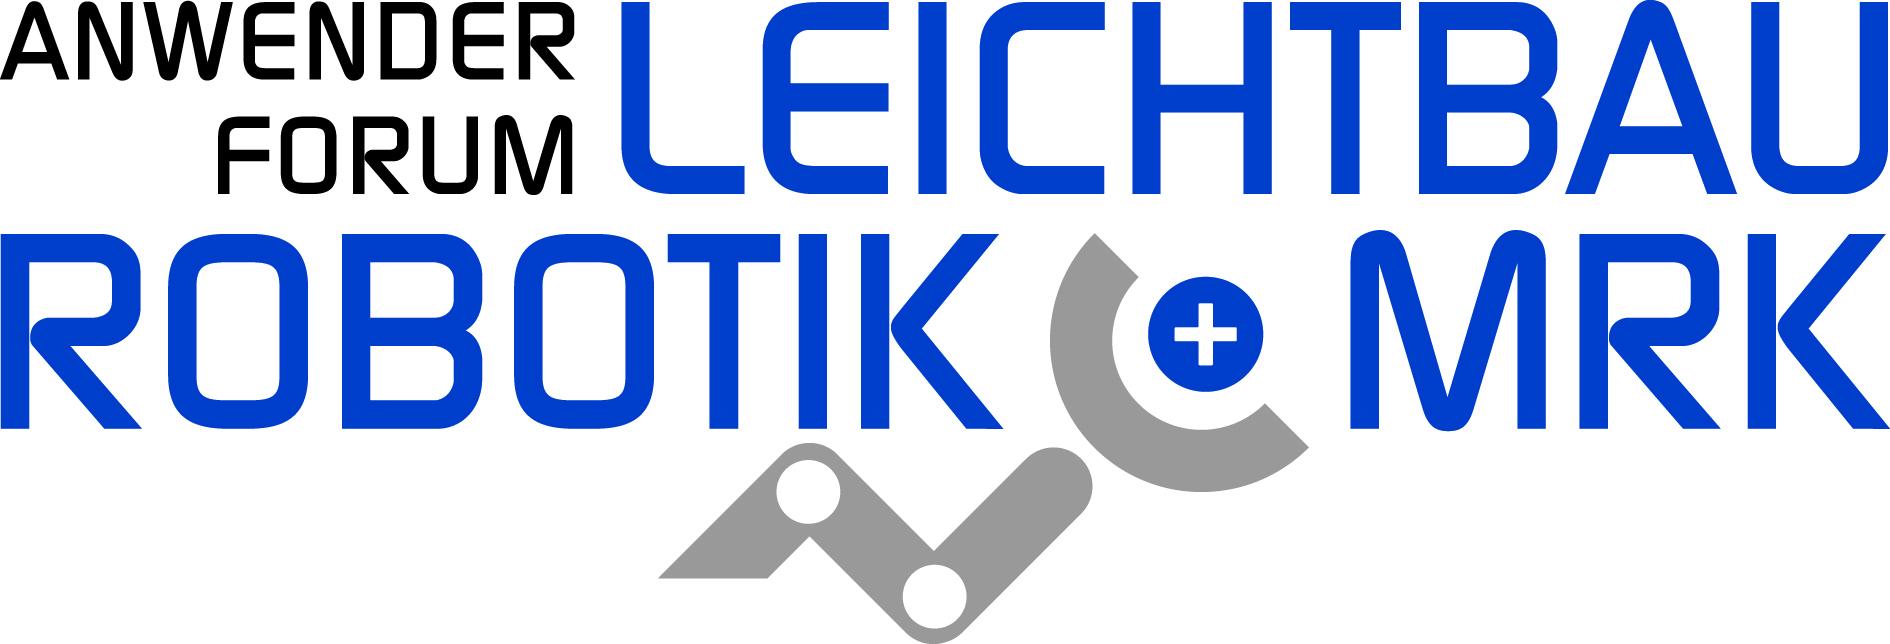 Anwenderforum Leichtbaurobotik & MRK 2019